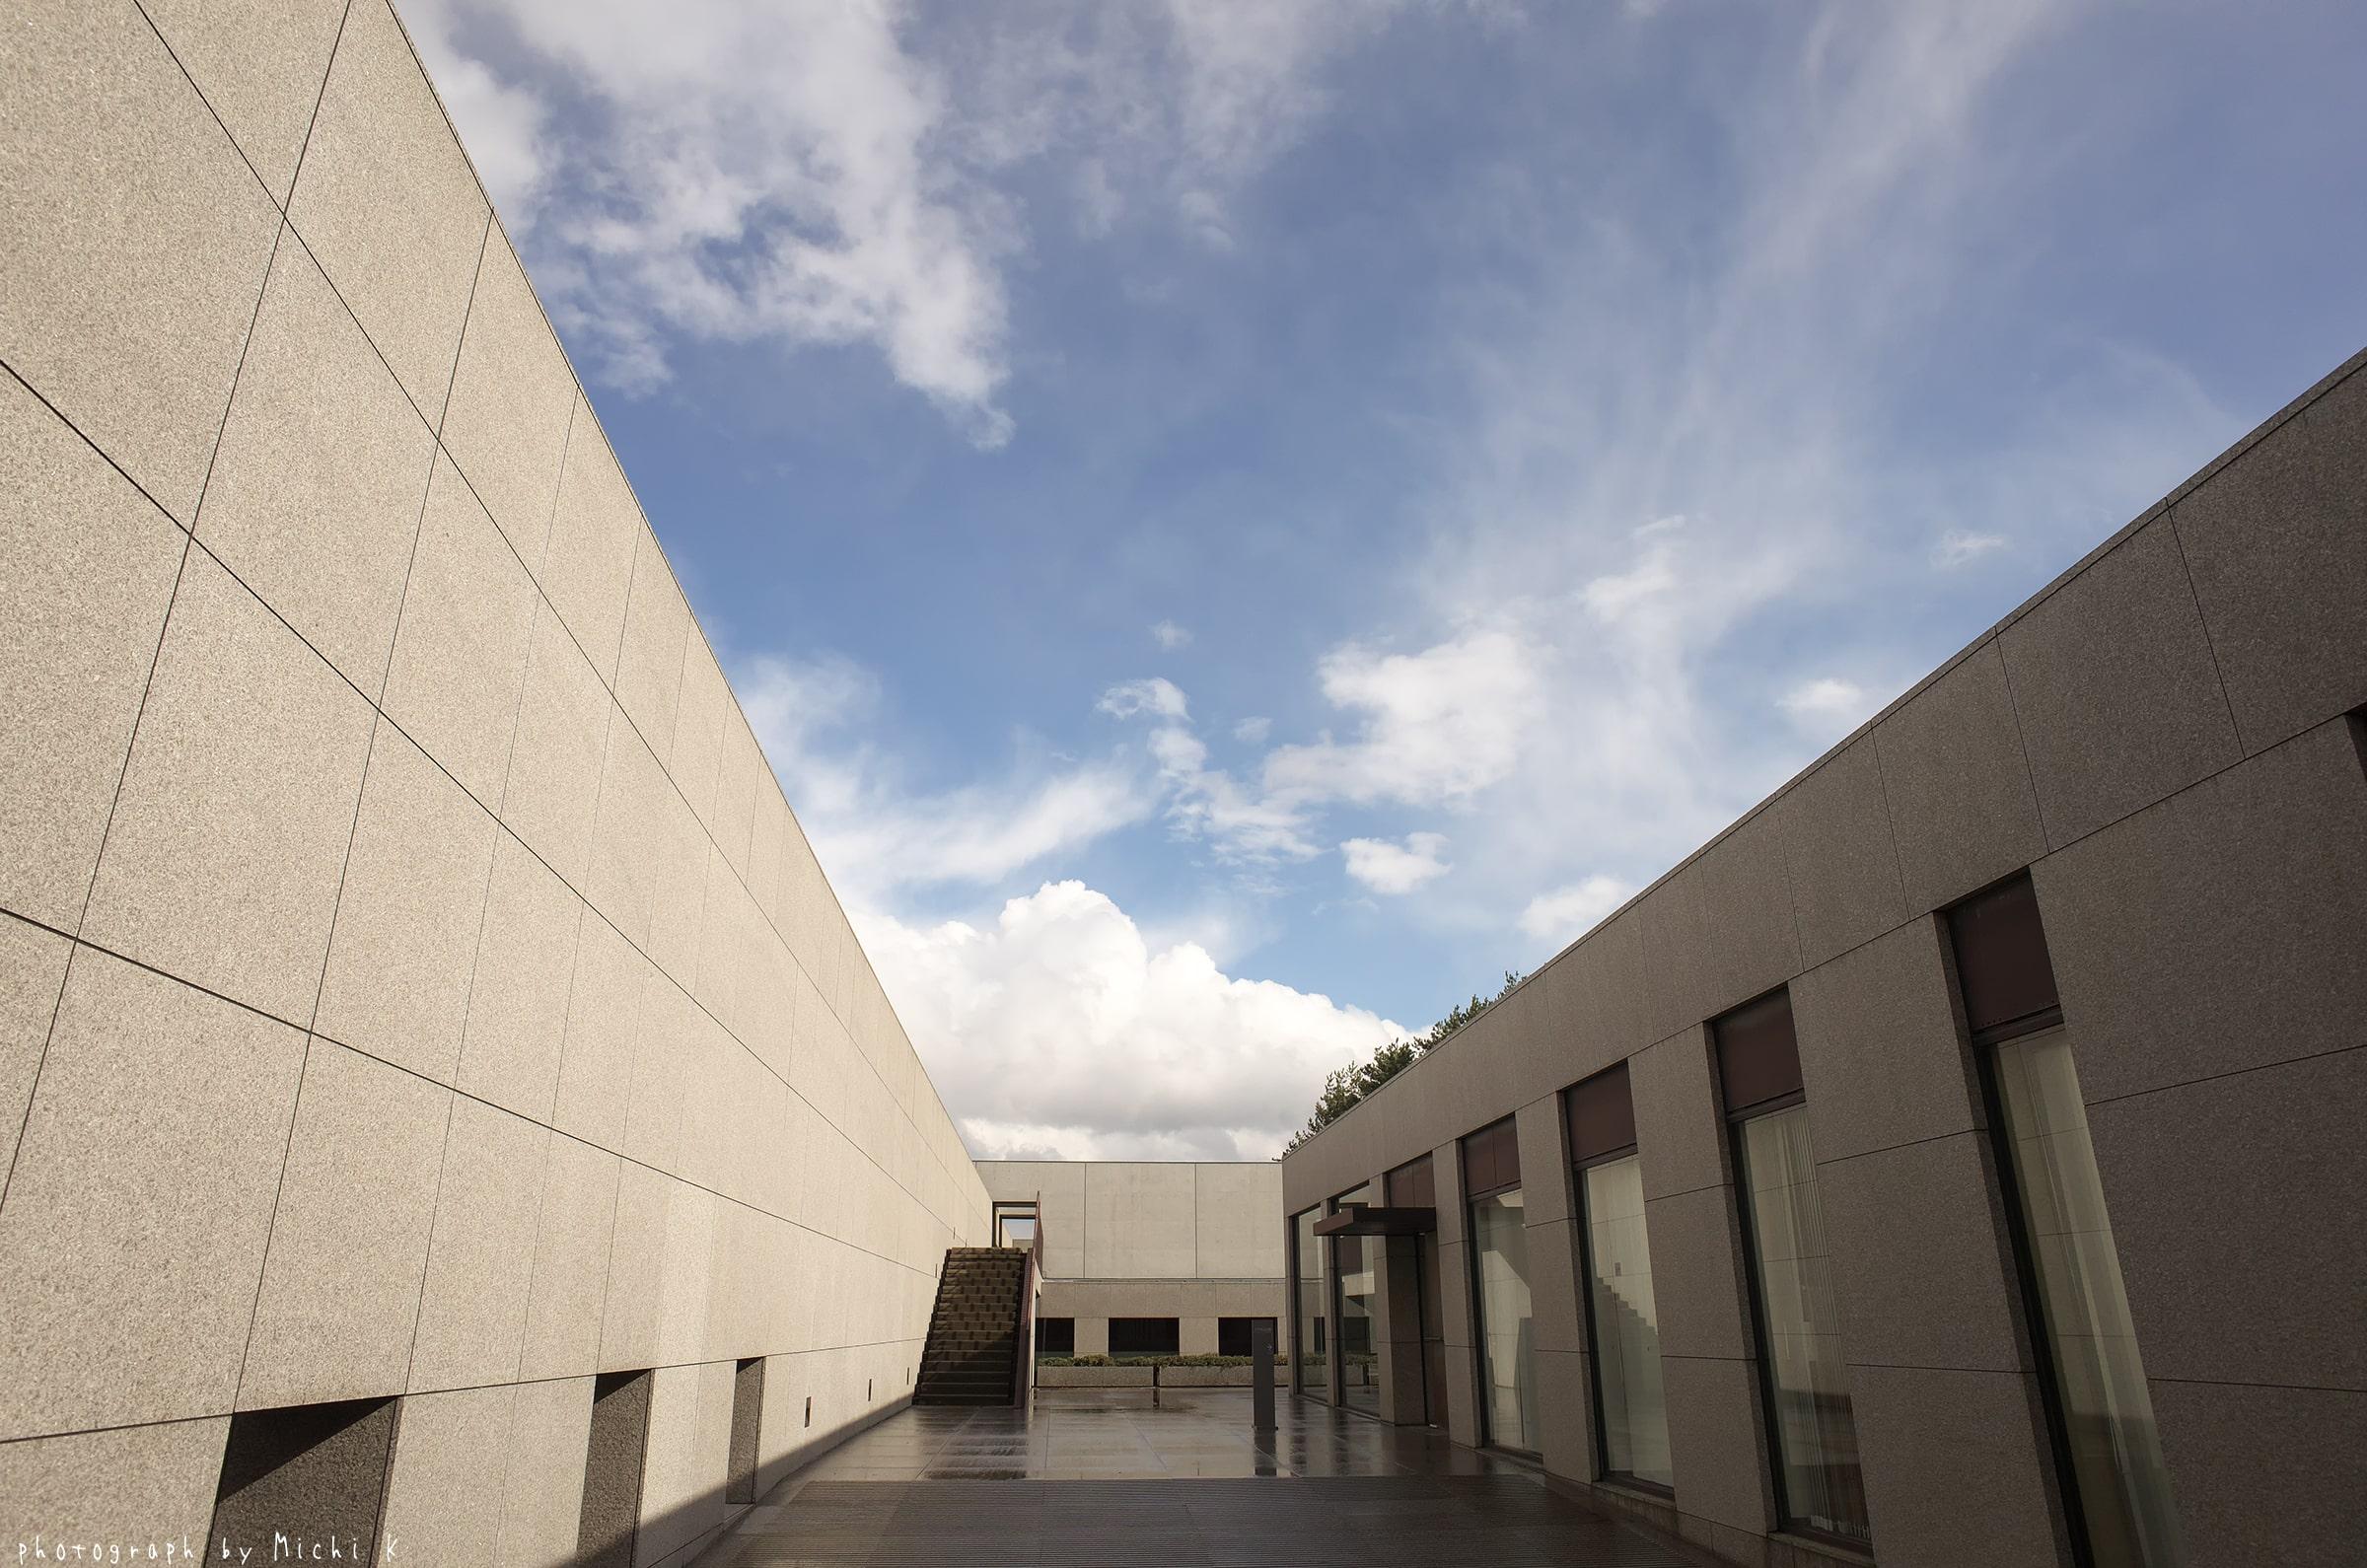 土門拳記念館にて2018-11-23昼(写真その5)